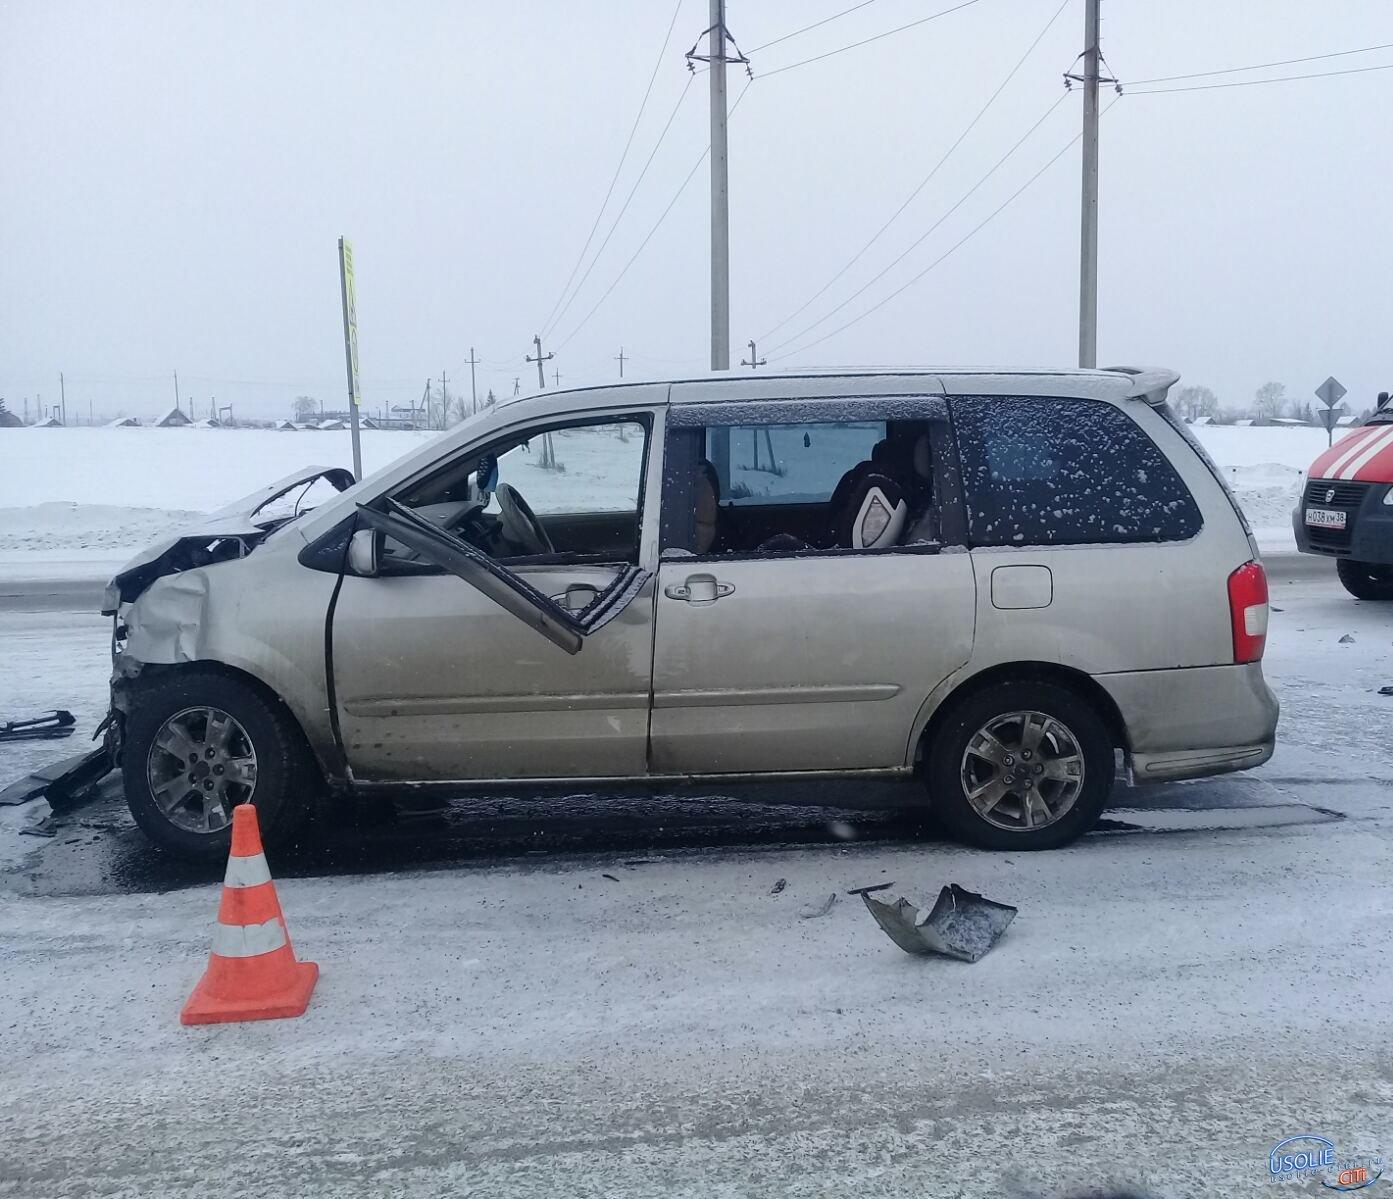 Ребенок пострадал в аварии: ДТП в Усольском районе